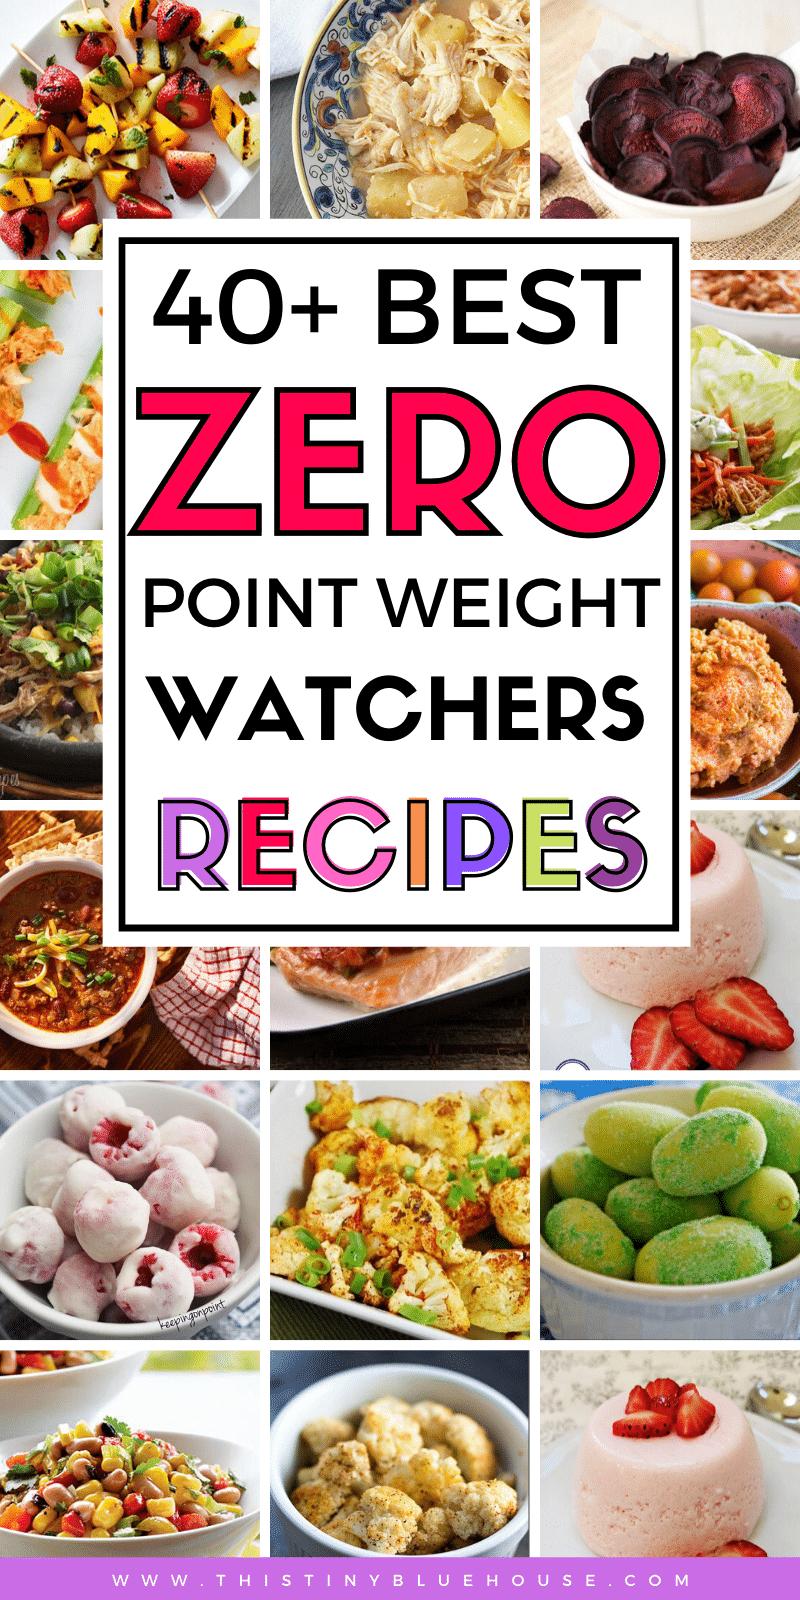 zero point foods on weight watchers diet